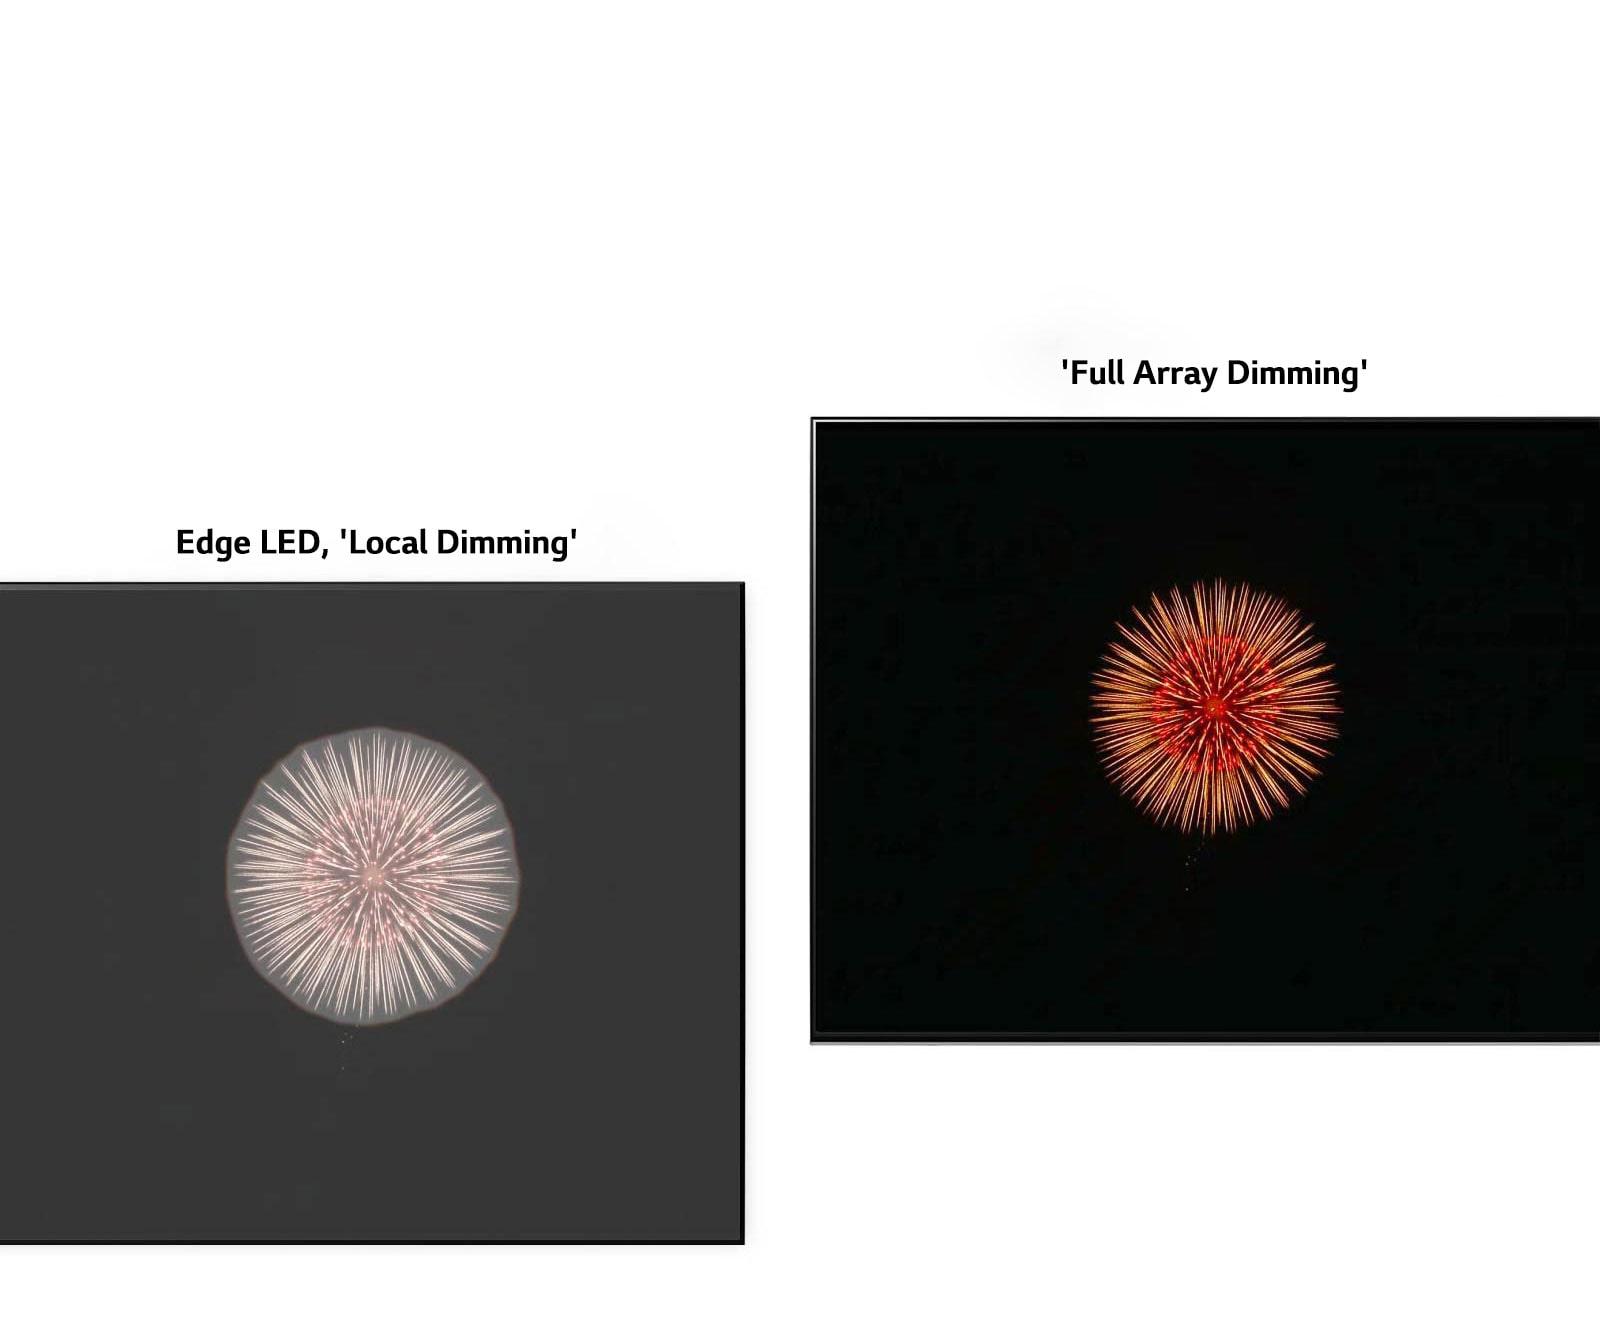 Bal oldalon az Edge LED és a Local Dimming holdudvarhatással, a jobb oldalon pedig a Full Array Dimming mélyebb feketével és kisebb holdudvarhatással (videó megtekintése).